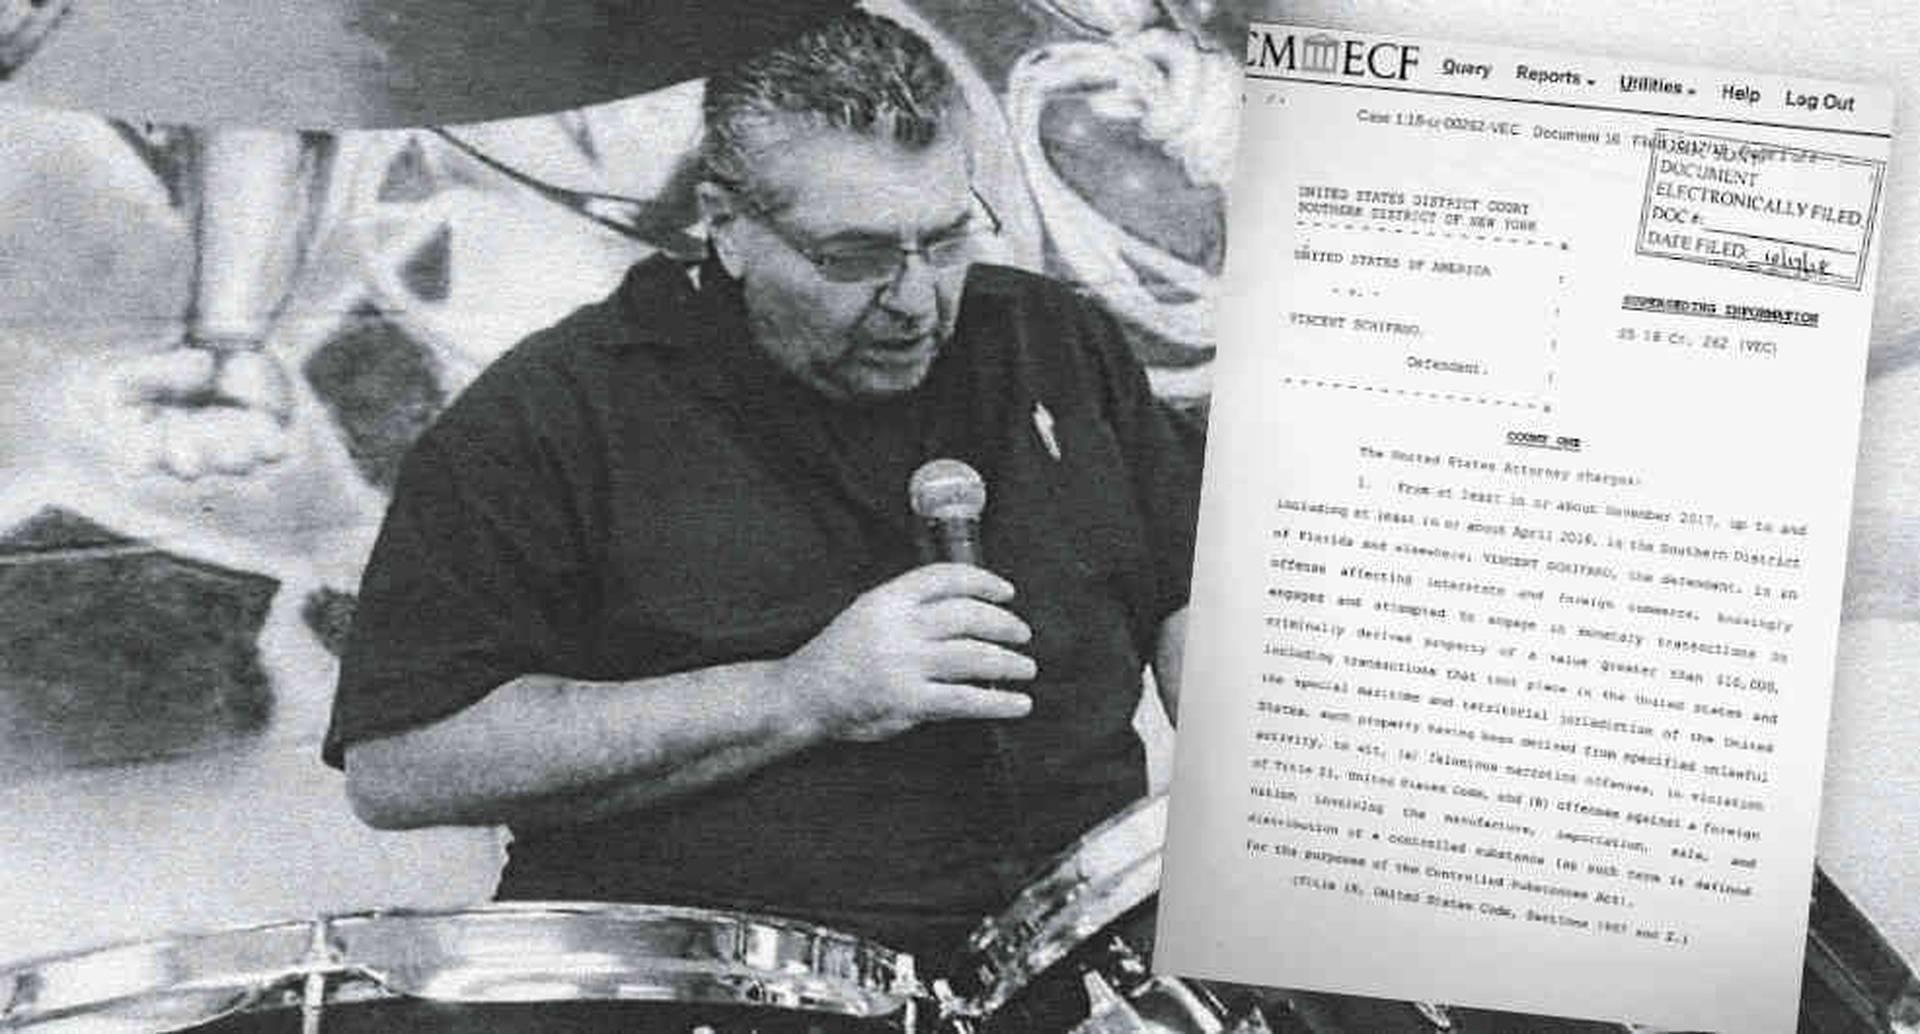 Esta es una de las pocas fotos conocidas de Vincent Schifano. Agentes encubiertos de la DEA lo grabaron cuando se comprometió a lavar 15 millones de dólares de un cargamento de cocaína que iba a ser enviado con el conocimiento del jefe guerrillero Jesús Santrich.